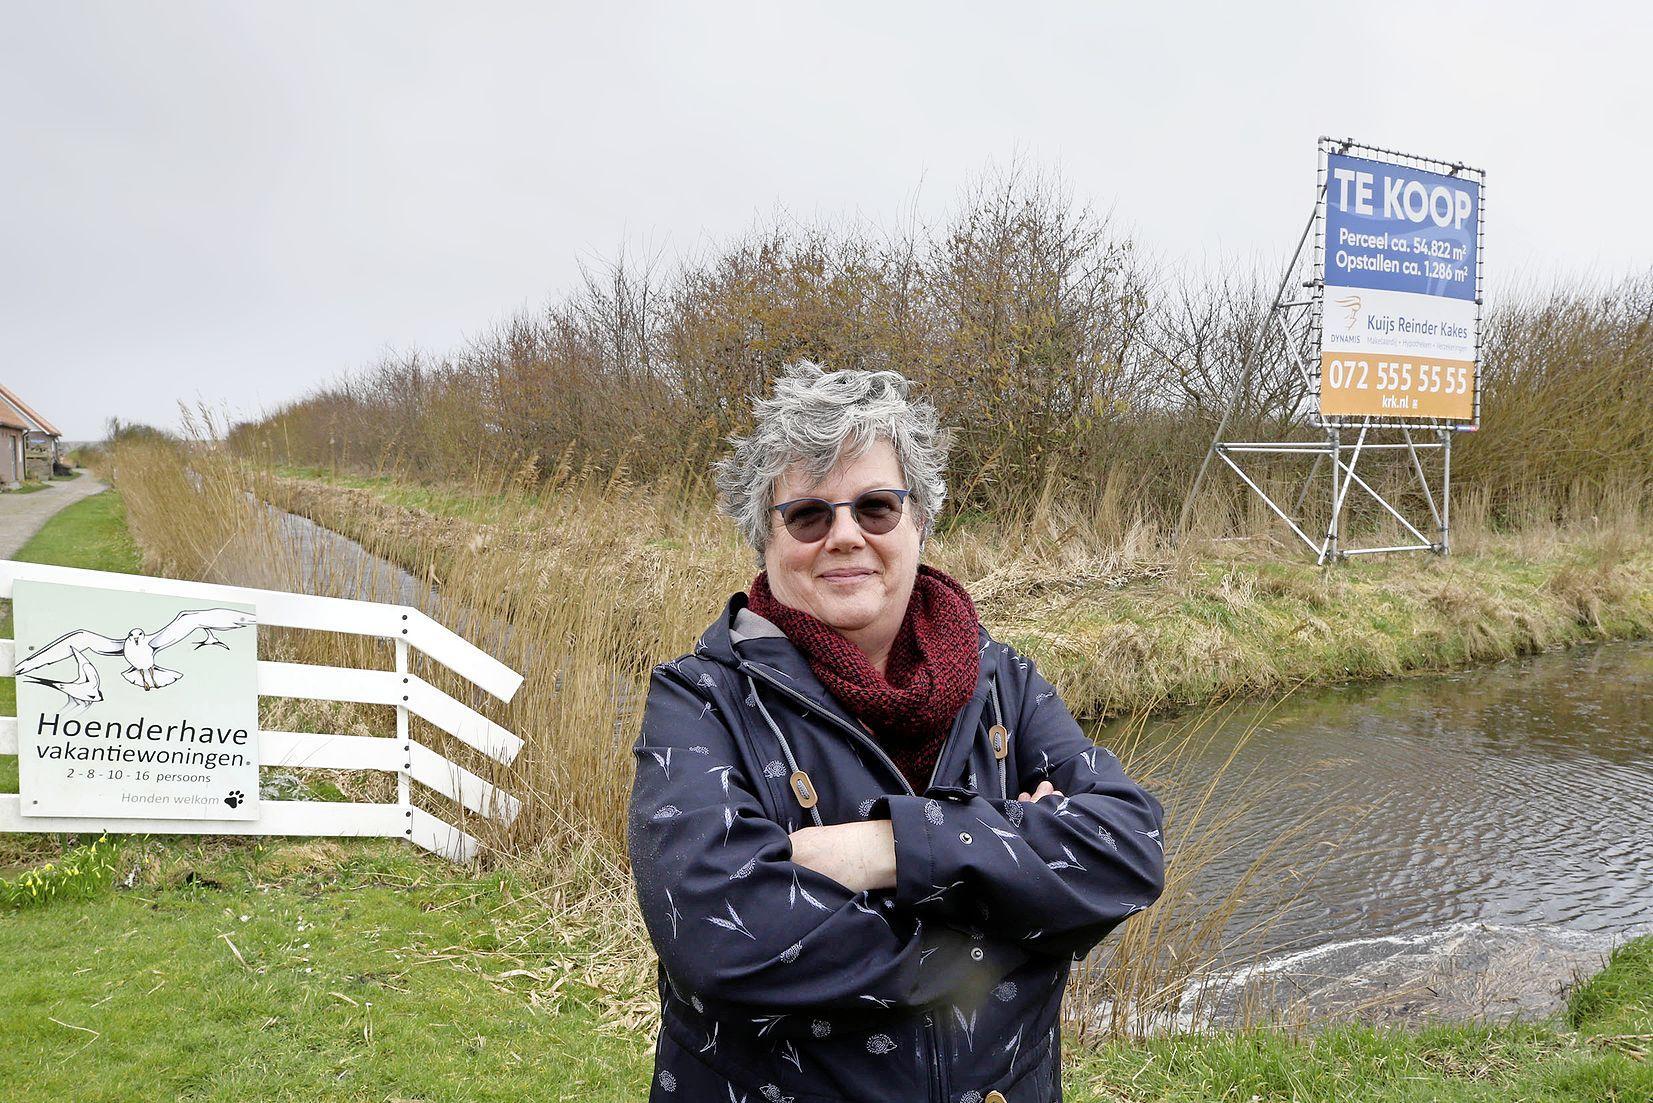 Weerstand in Petten tegen Ecopark. 'Als dit mag, meet de gemeente met twee maten'. Waterschap beslist over verkoop grond